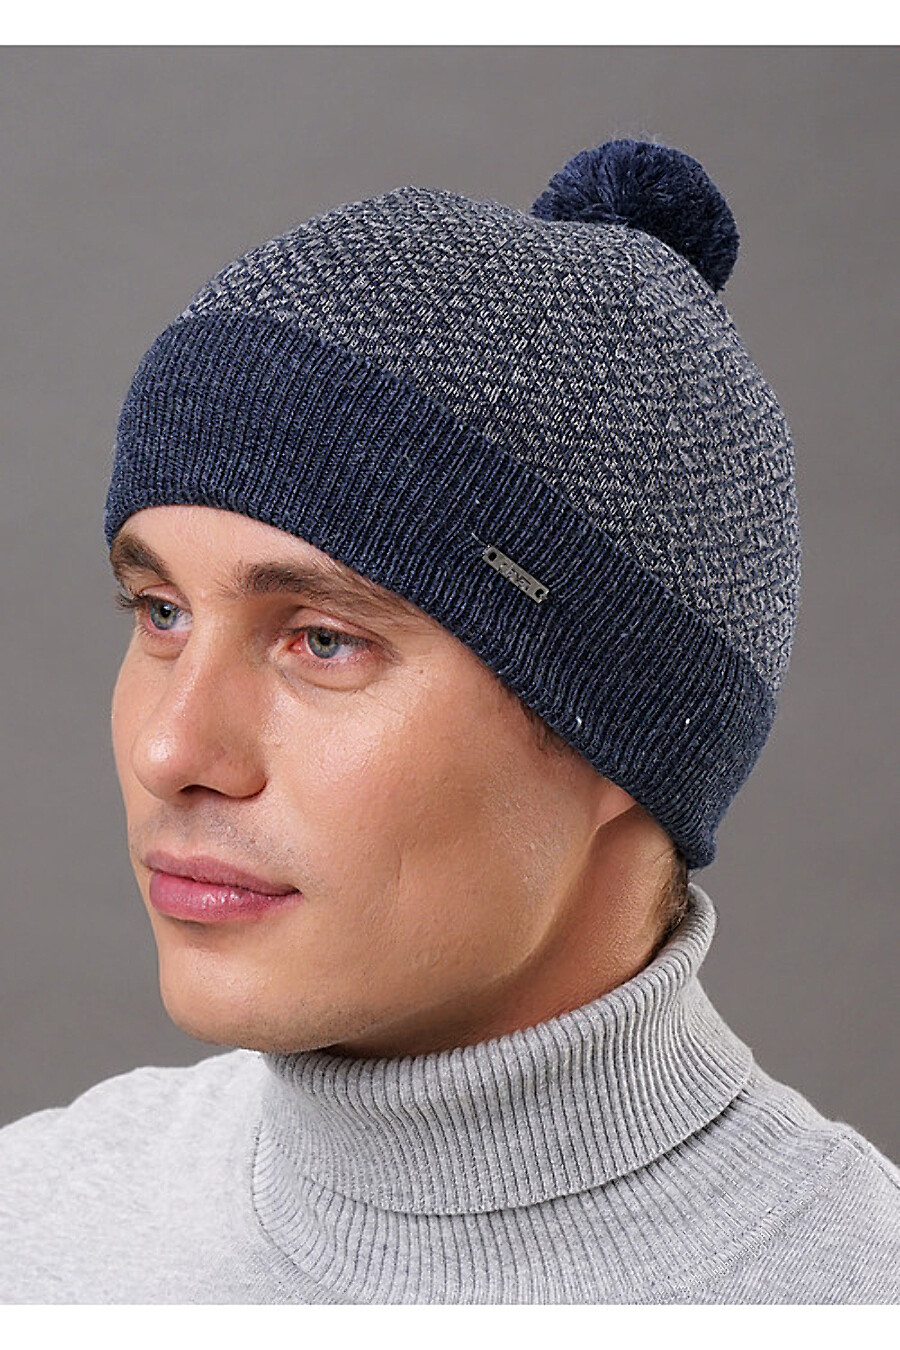 Шапка для мужчин CLEVER 155399 купить оптом от производителя. Совместная покупка мужской одежды в OptMoyo